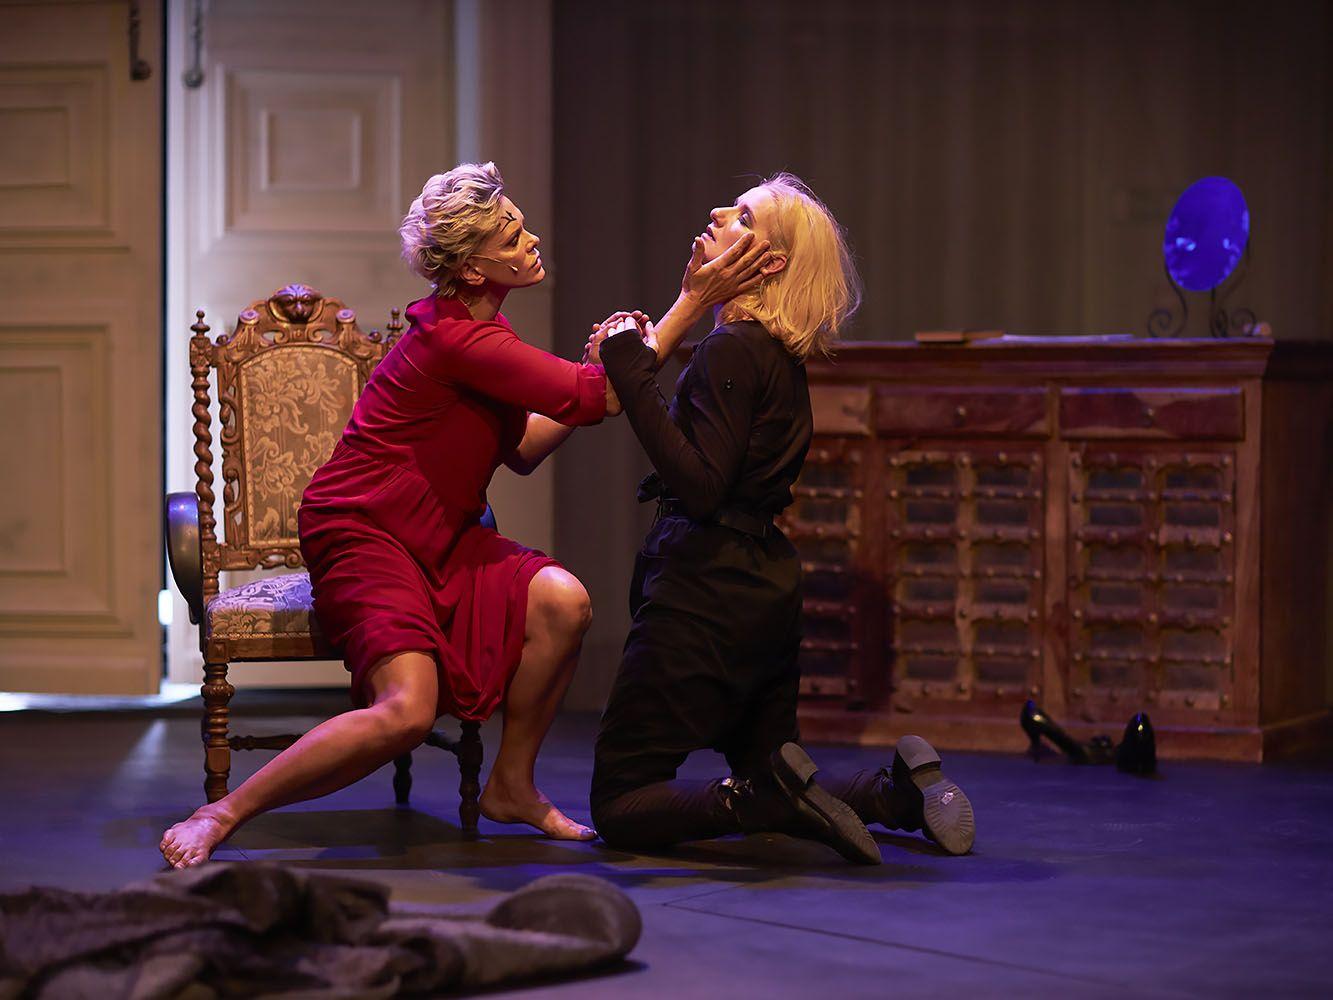 В Электротеатре «Станиславский» впервые сыграют пьесу Стриндберга «Пеликан»